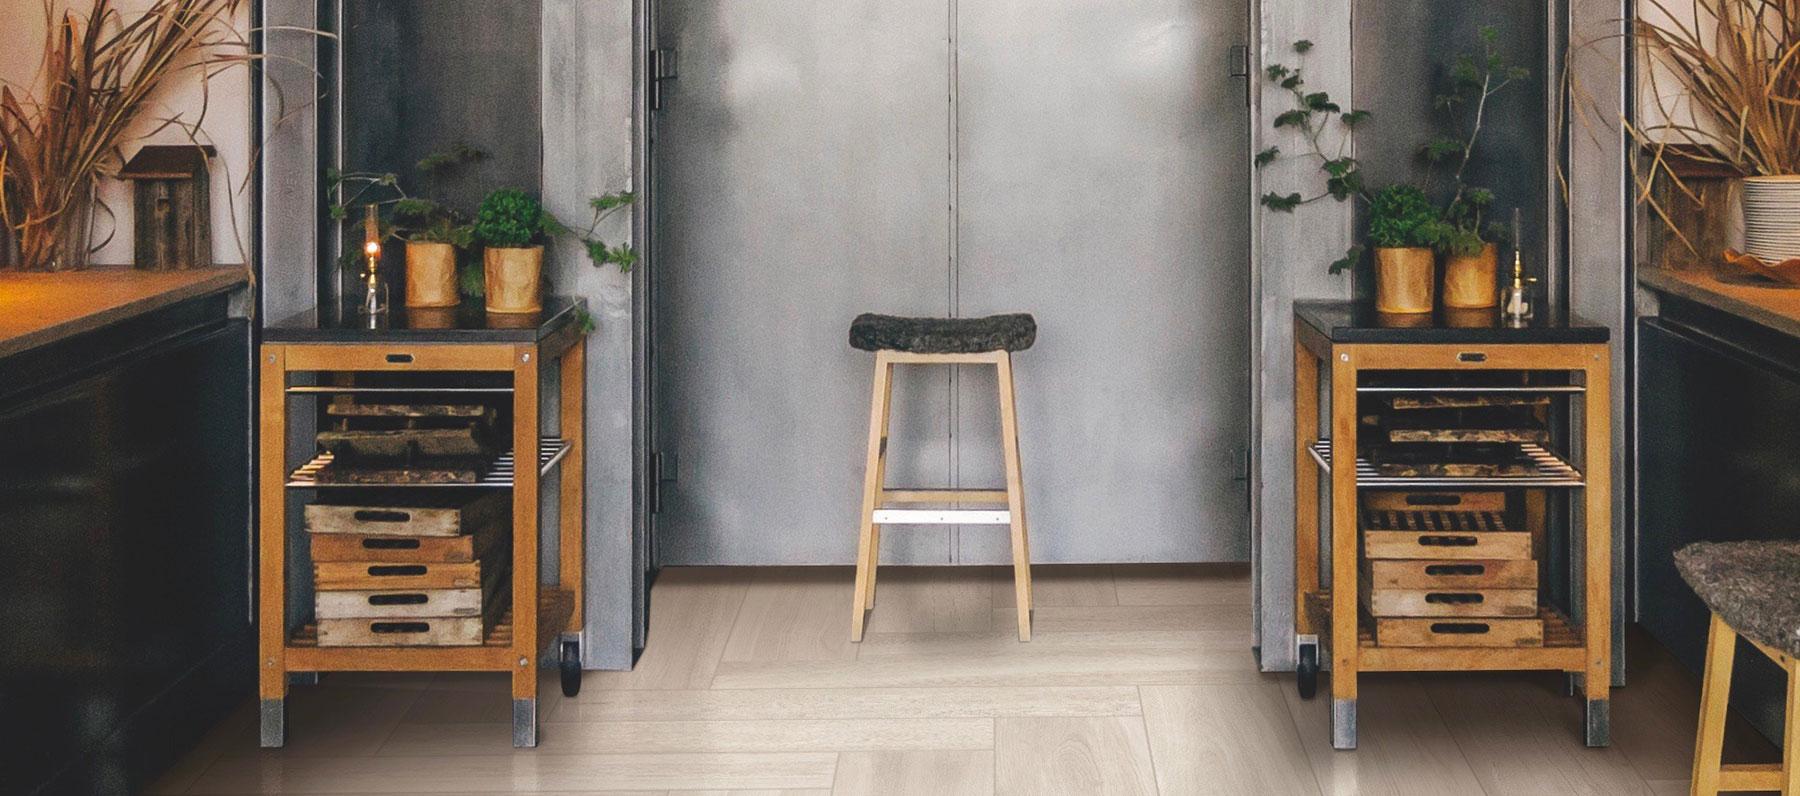 Plank naturale e accenti colorati per interni ed esterni di spazi commerciali